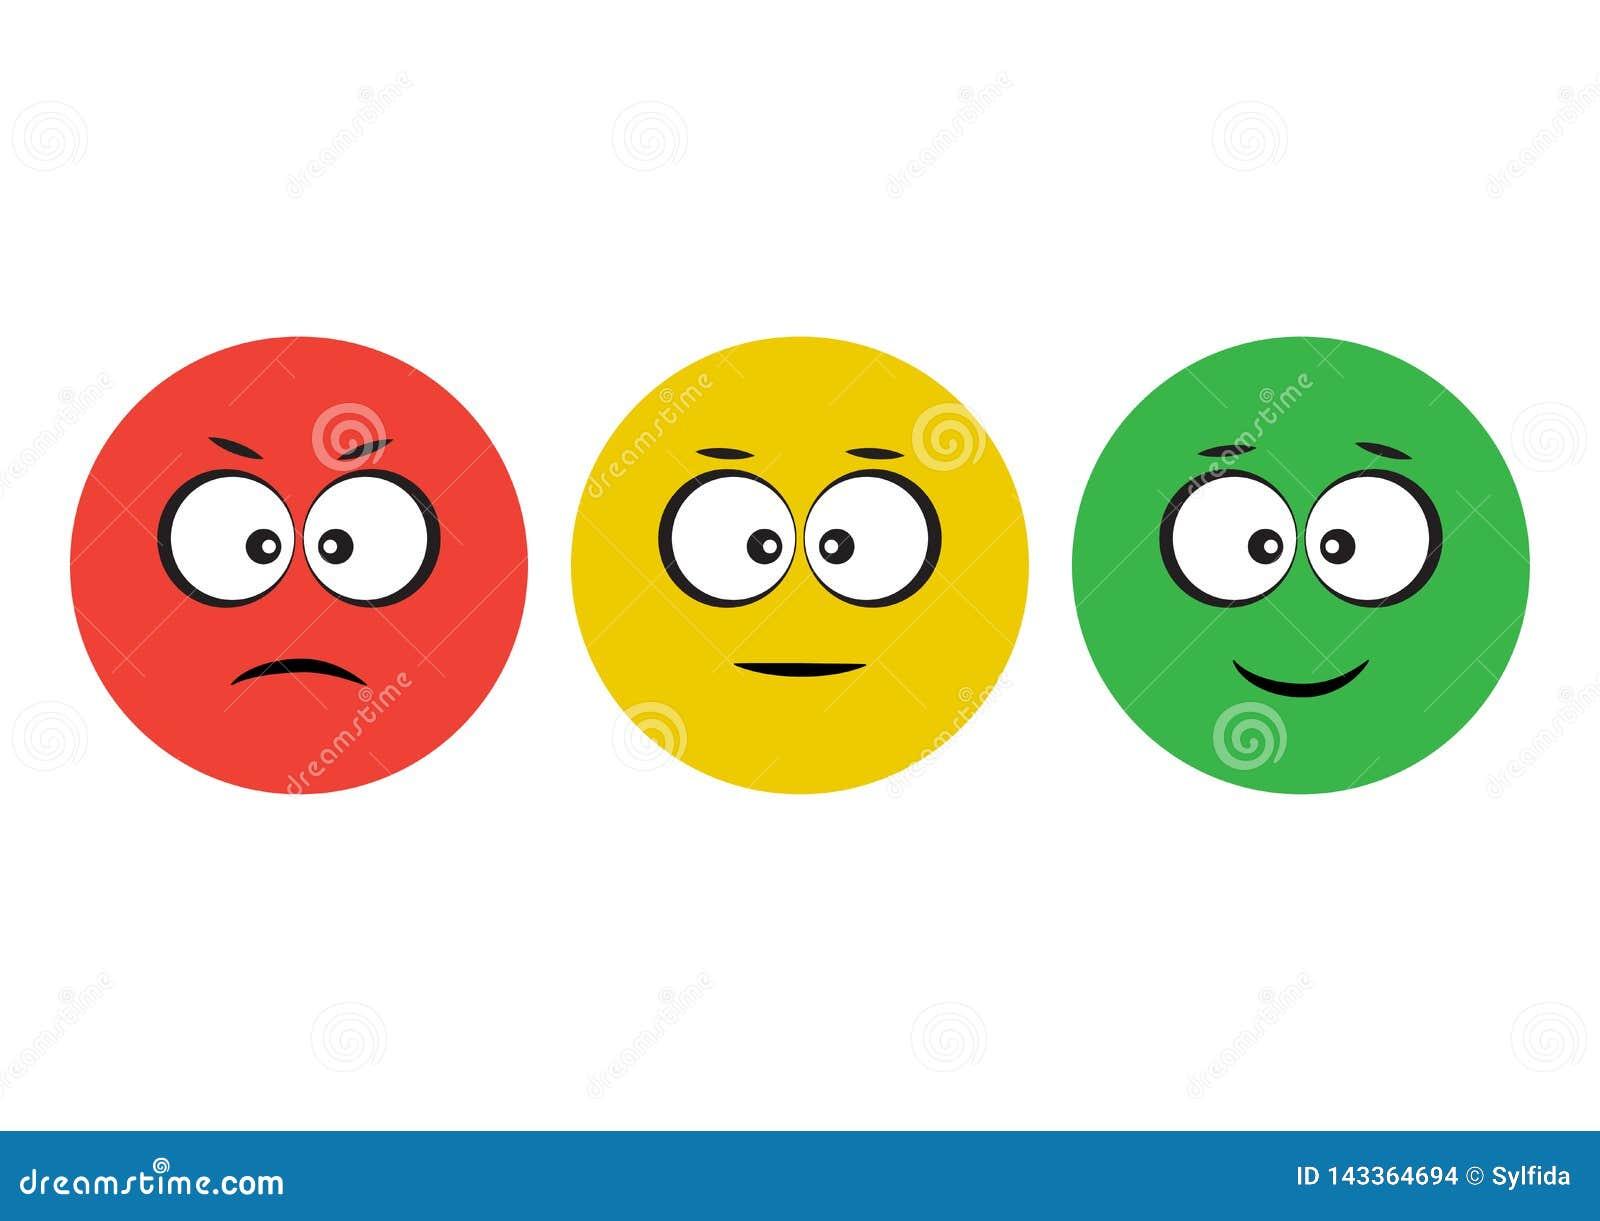 Rewolucjonistka, kolor żółty, zielony smileys emoticons ikony negatyw, neutralny i pozytyw, zabawne znaków również zwrócić corel